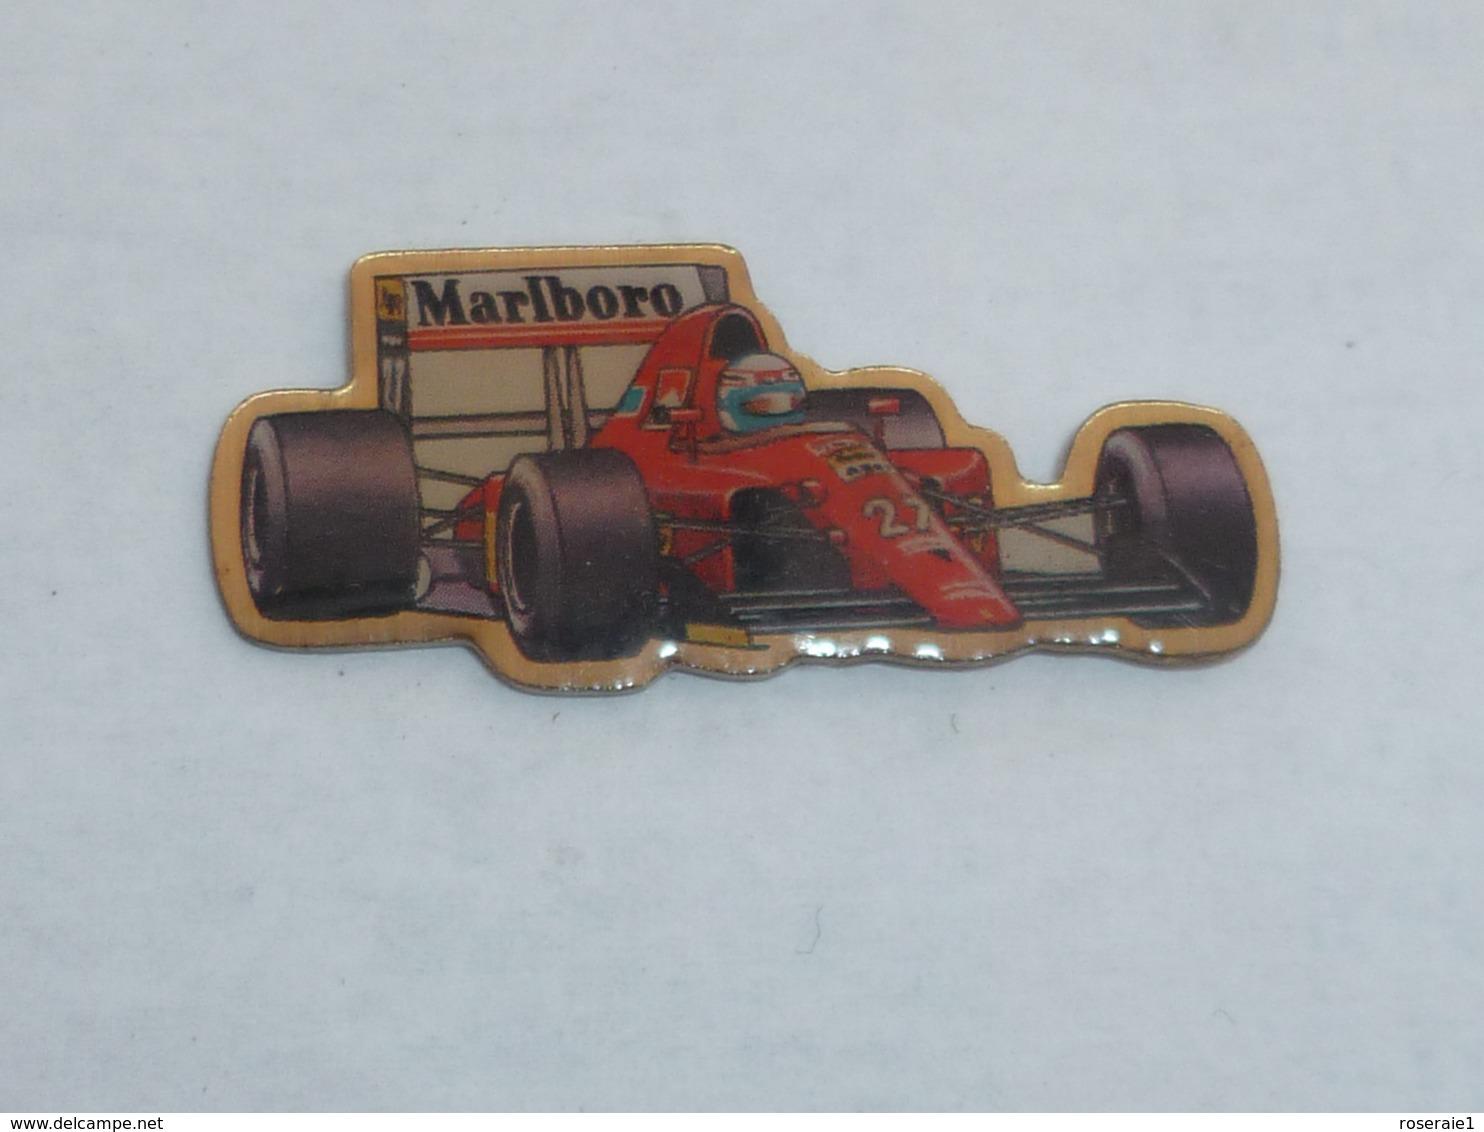 Pin's FORMULE 1 MARLBORO - Automobile - F1